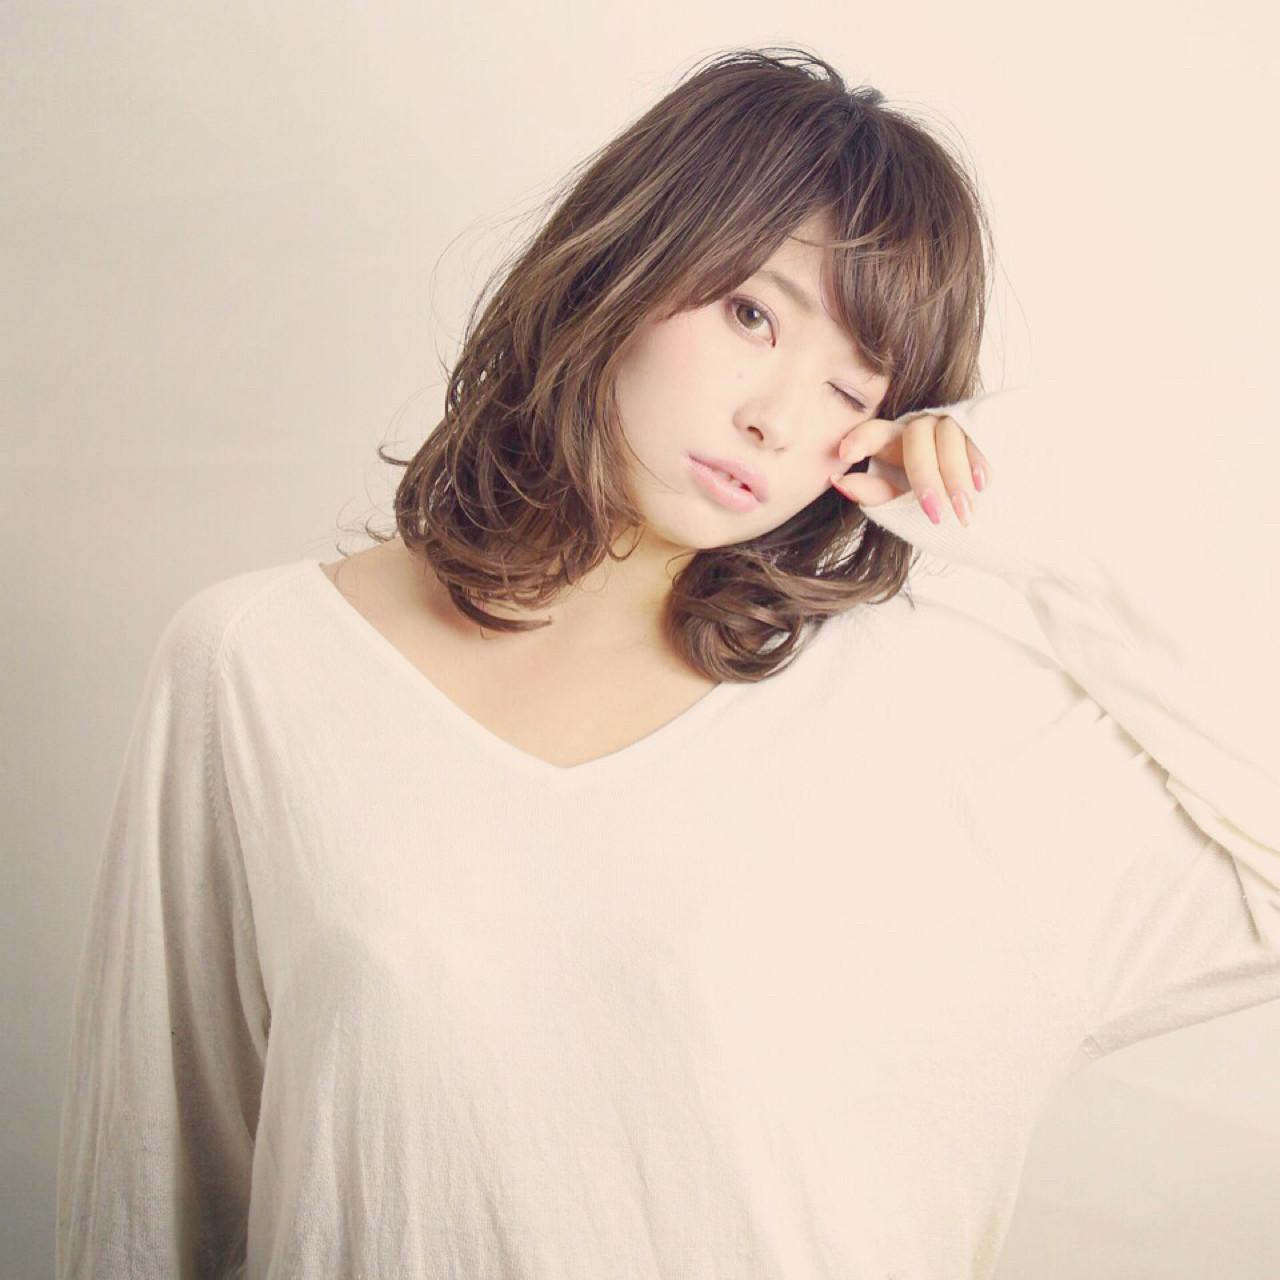 """テイスト七変化♡ ファッション""""自由形""""女子はミディアムでキメるっ! Kyohei Konishi"""